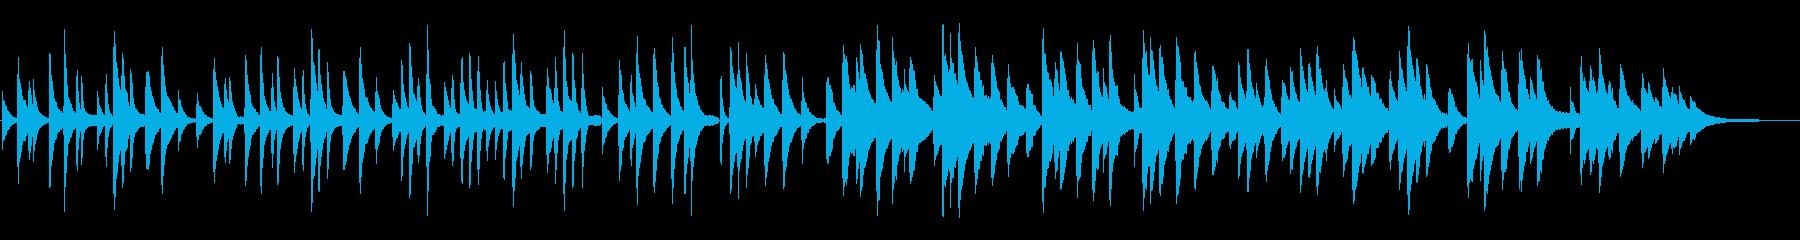 クリスマス「もみの木」ピアノソロの再生済みの波形